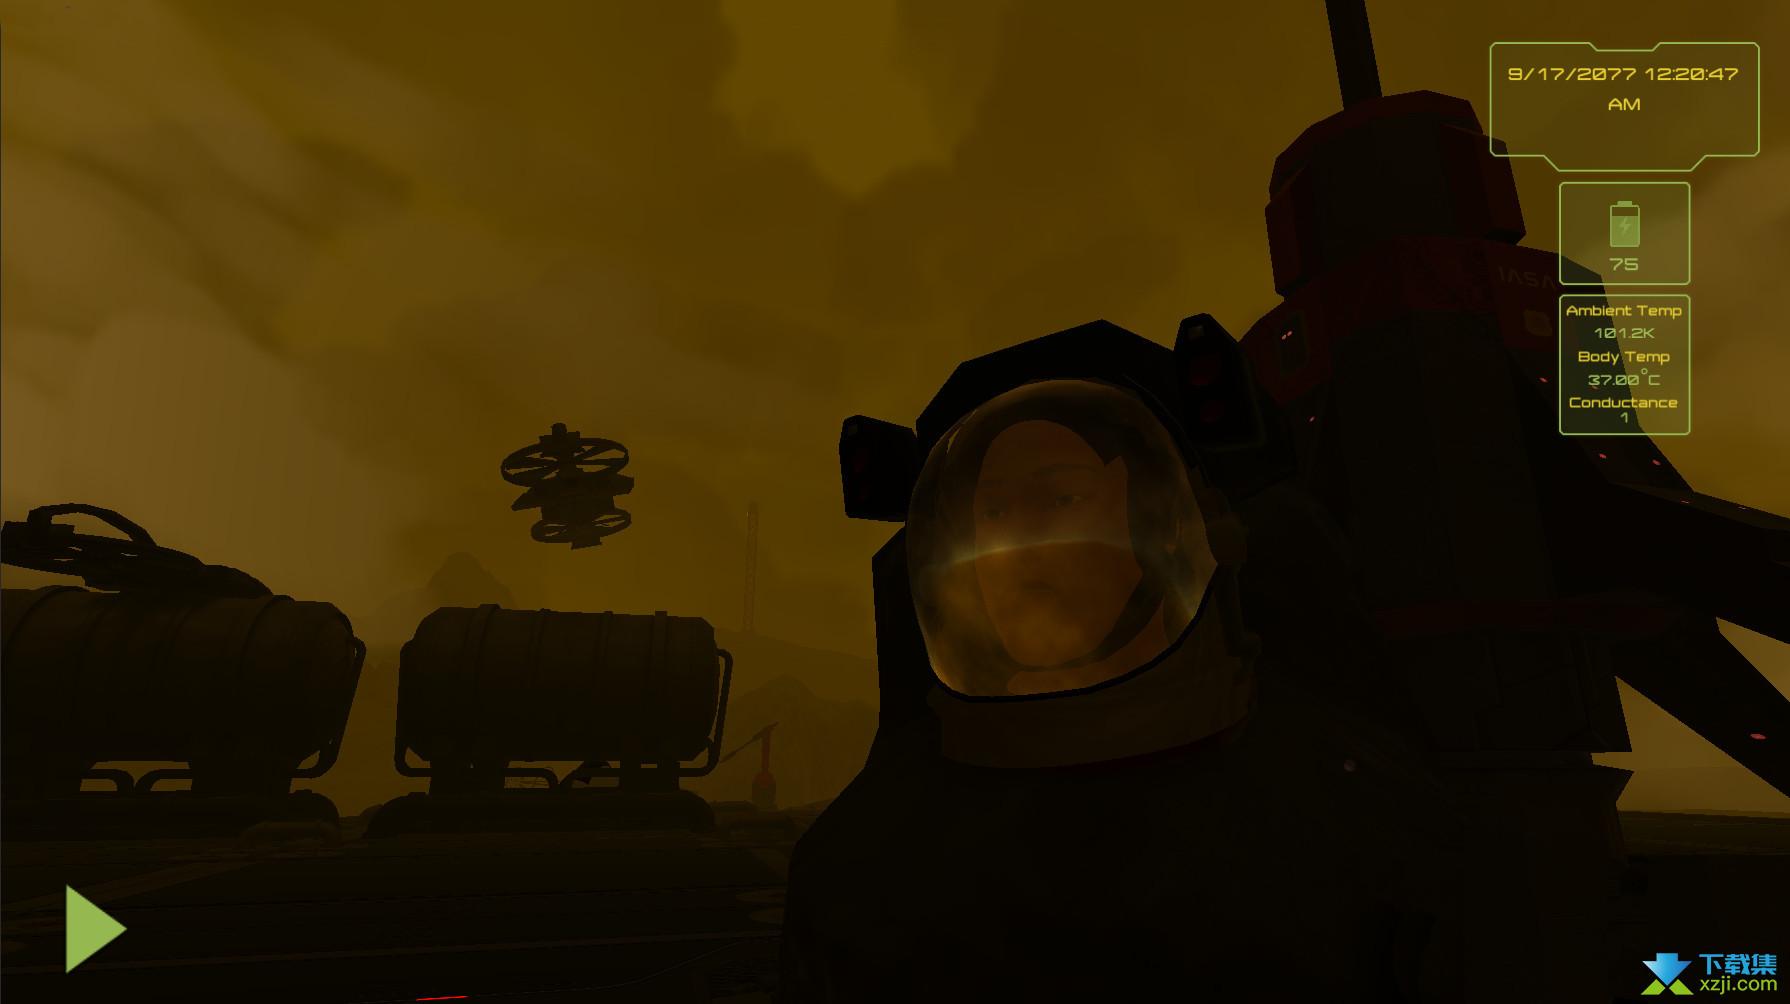 泰坦前哨界面